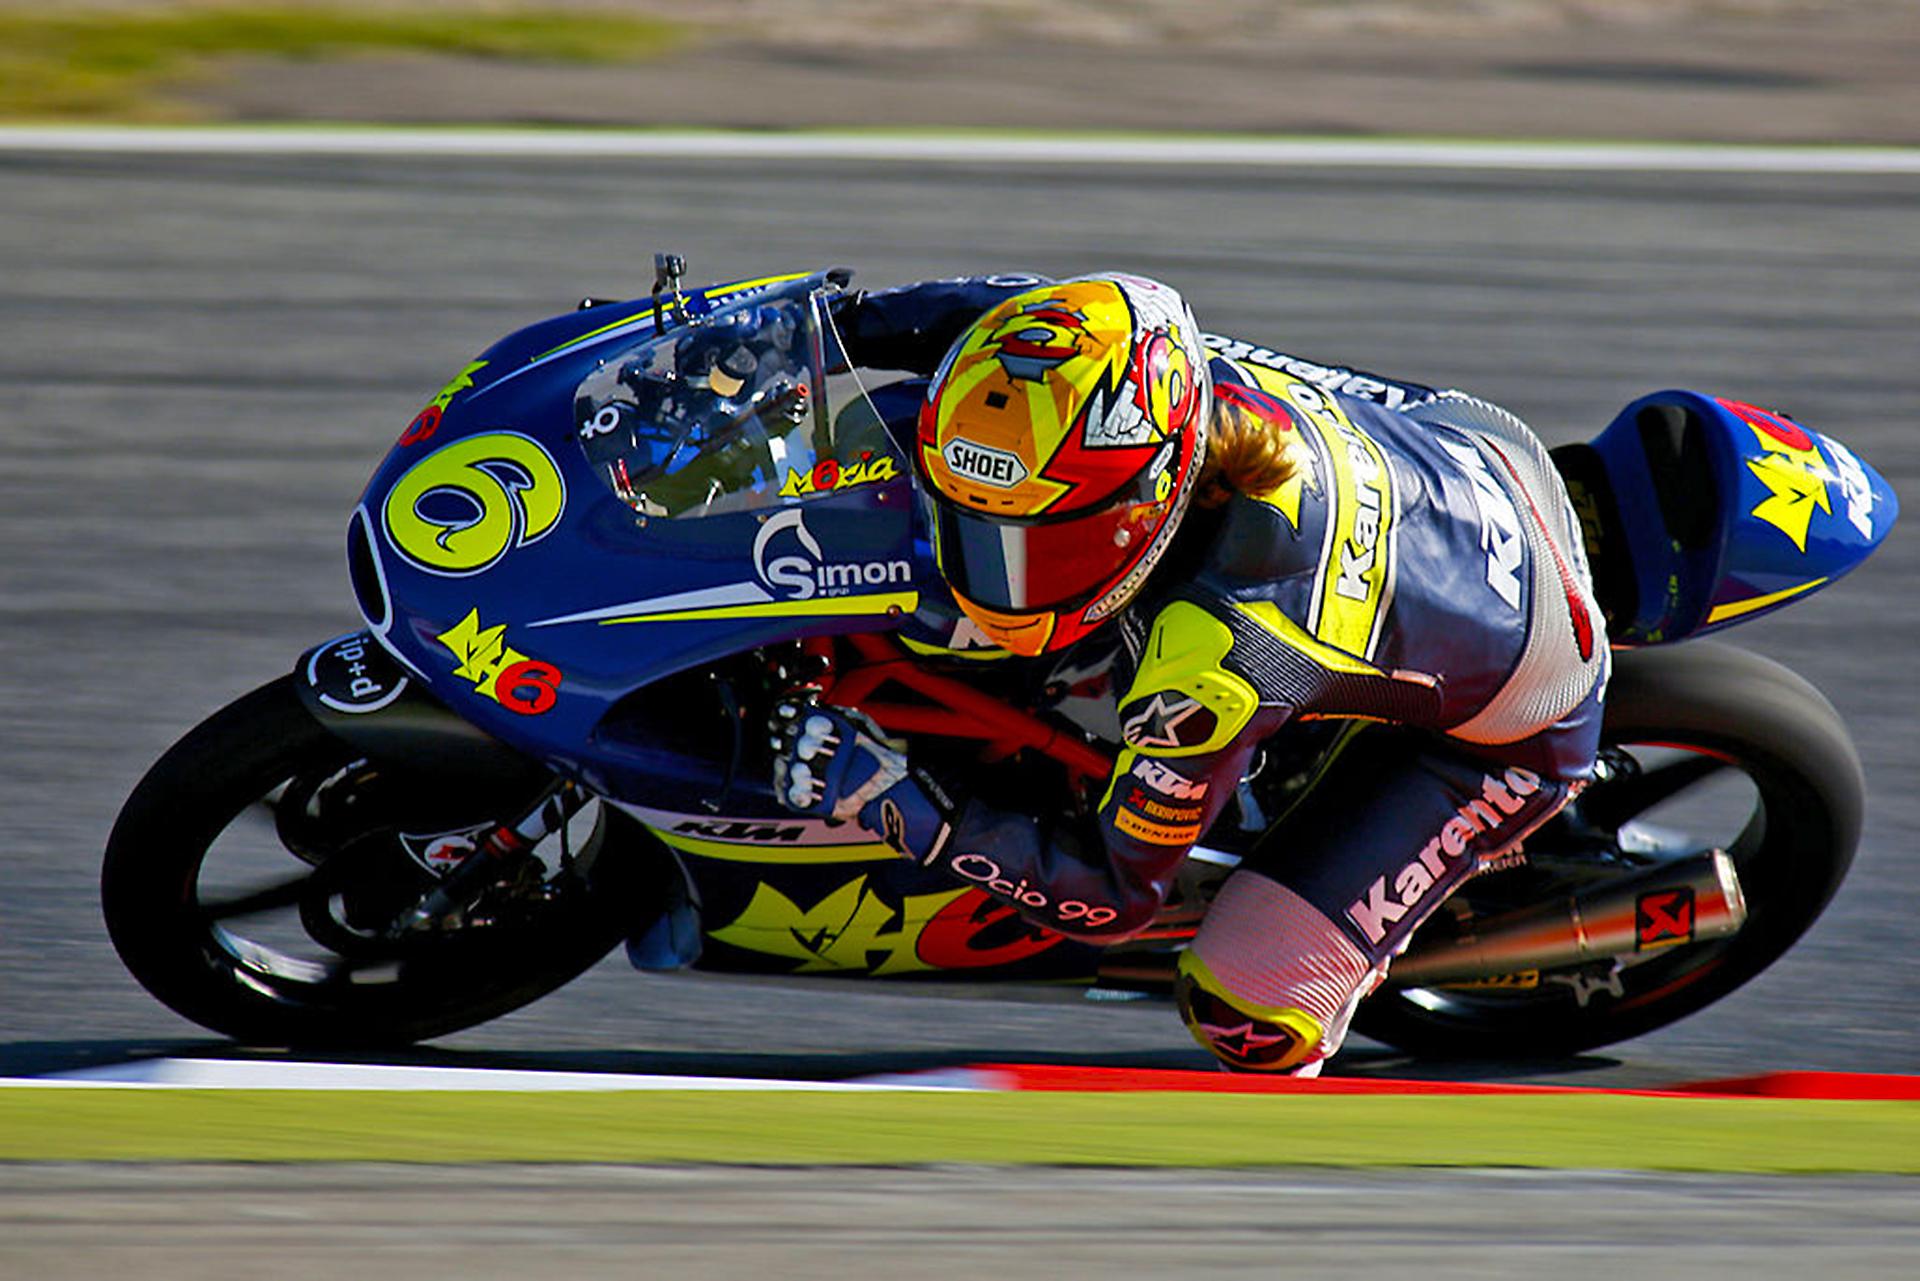 Maria Herrera World Championship Moto3